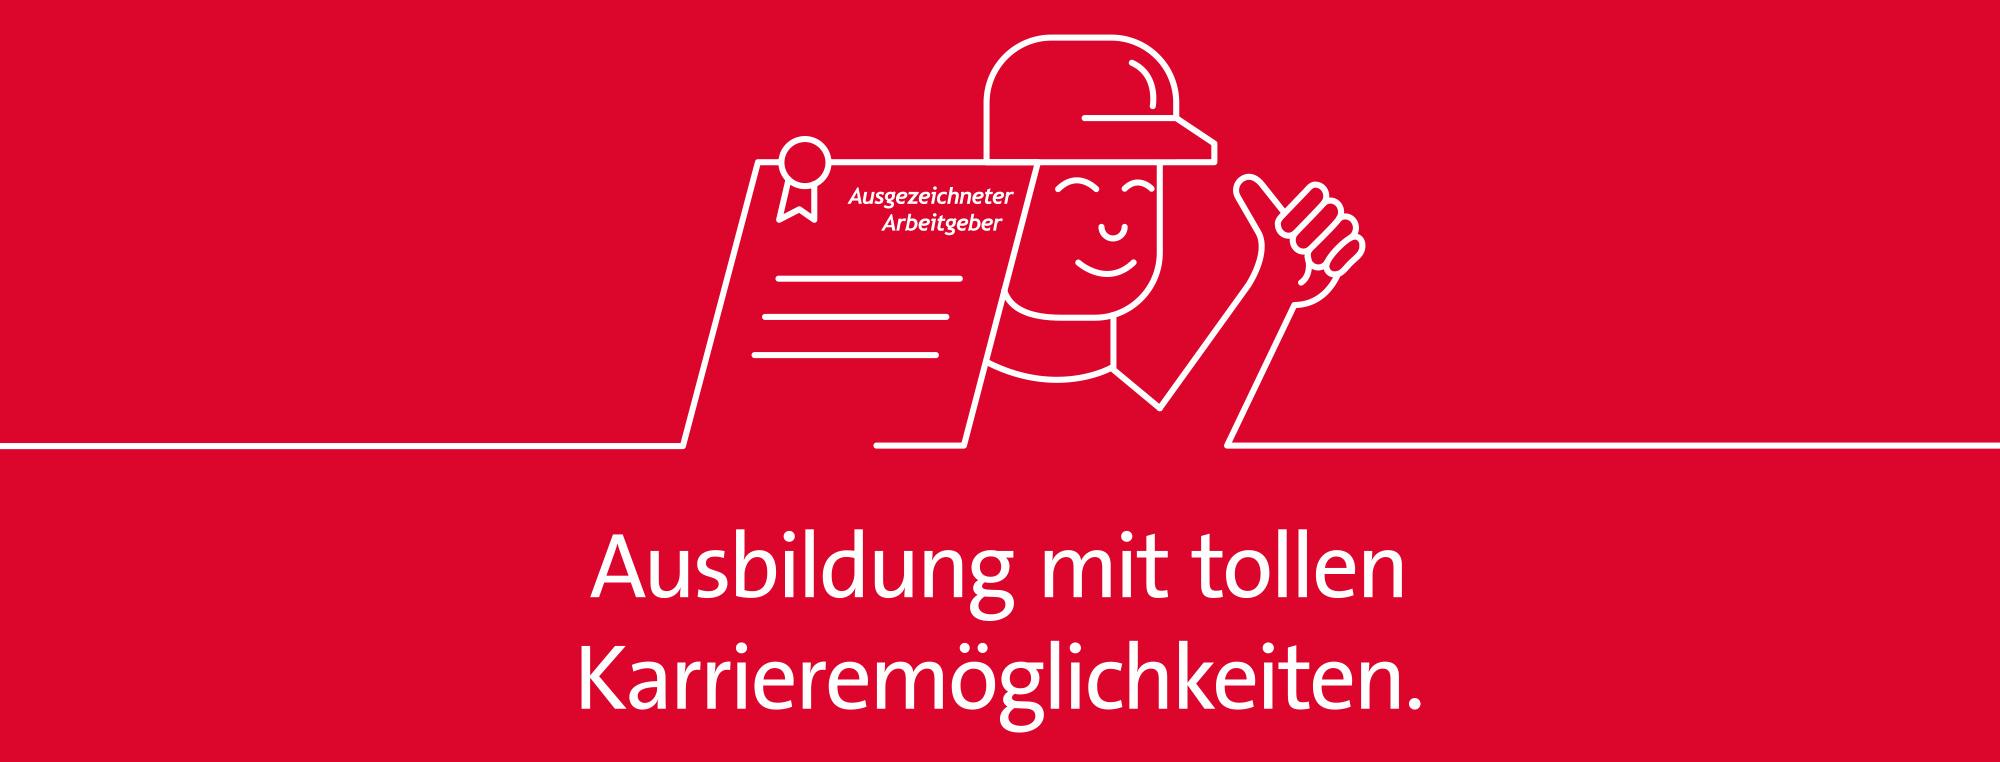 Ausbildungsplätze mit tollen Karrieremöglichkeiten. Finde für Dich den richtigen Einstieg und den richtigen Job bei uns - dem Bauunternehmen bendl in Günzburg.